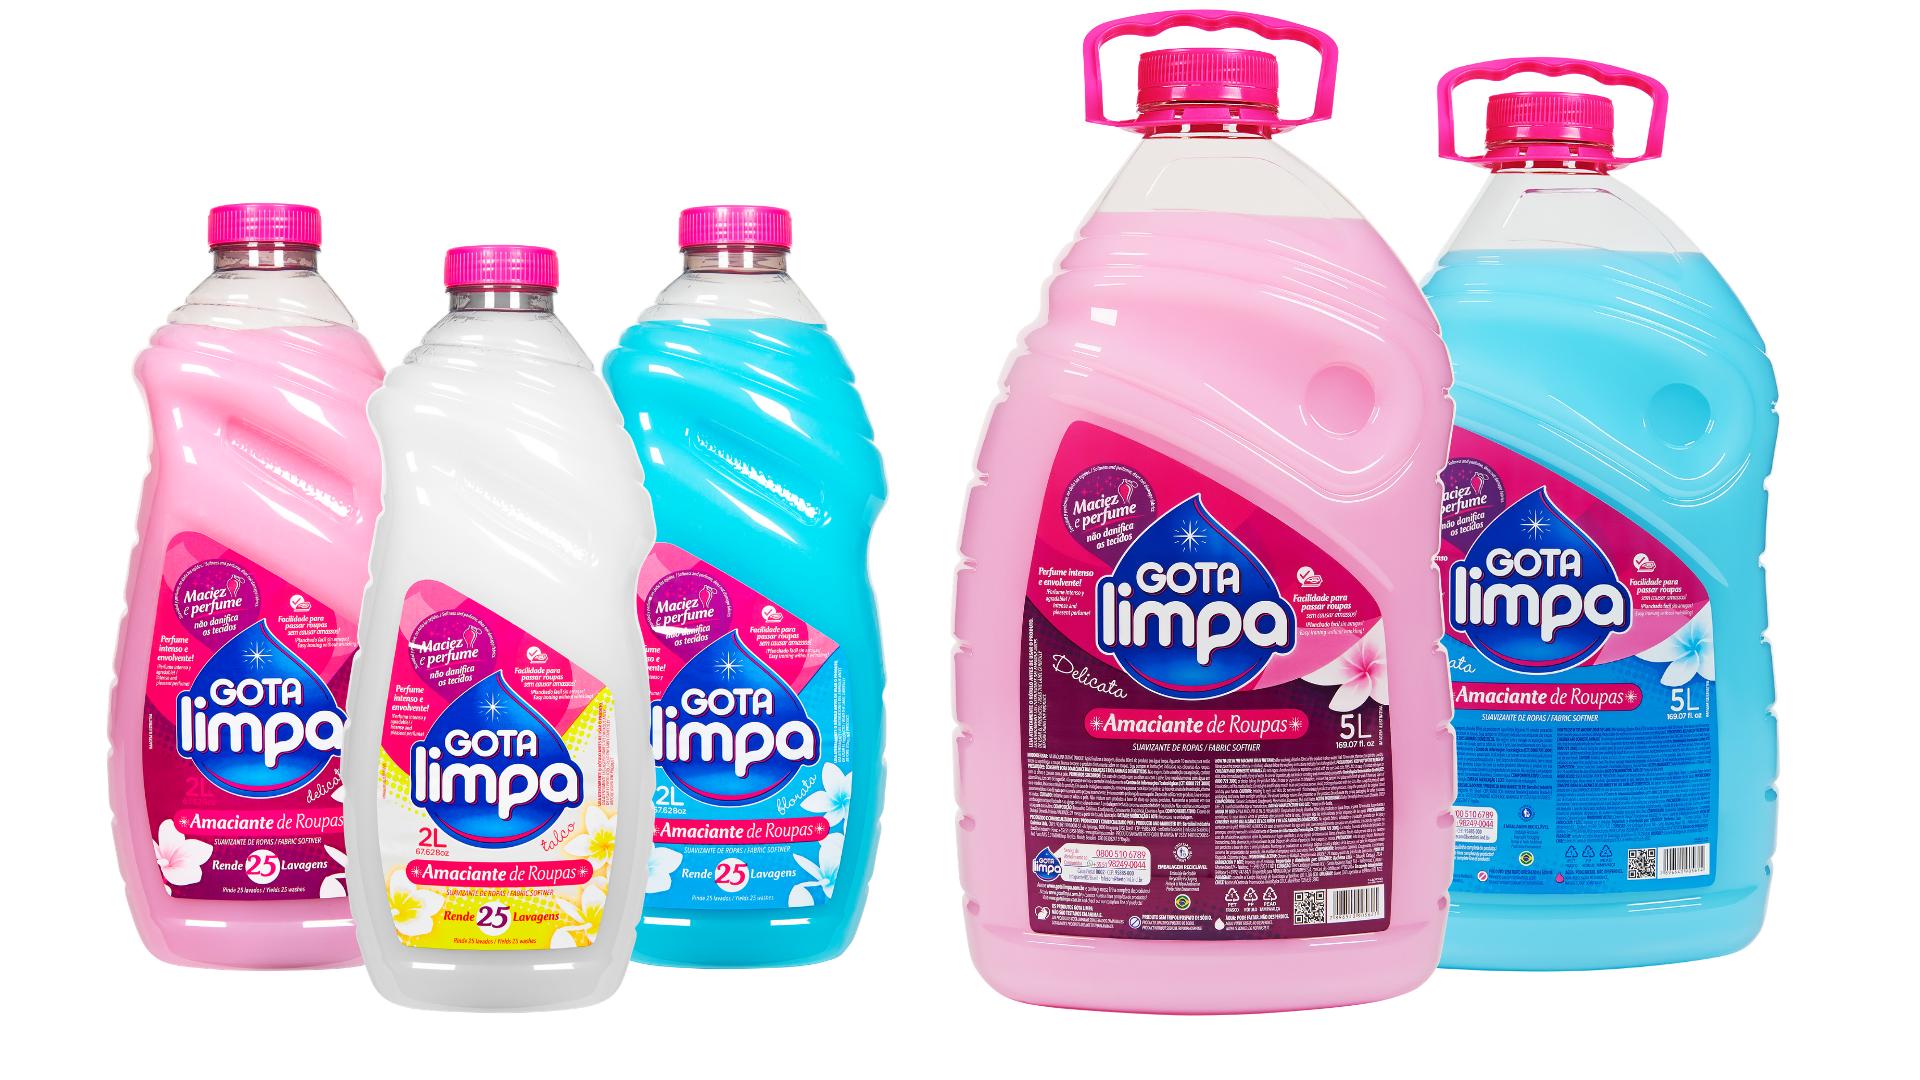 Gota Limpa Softeners